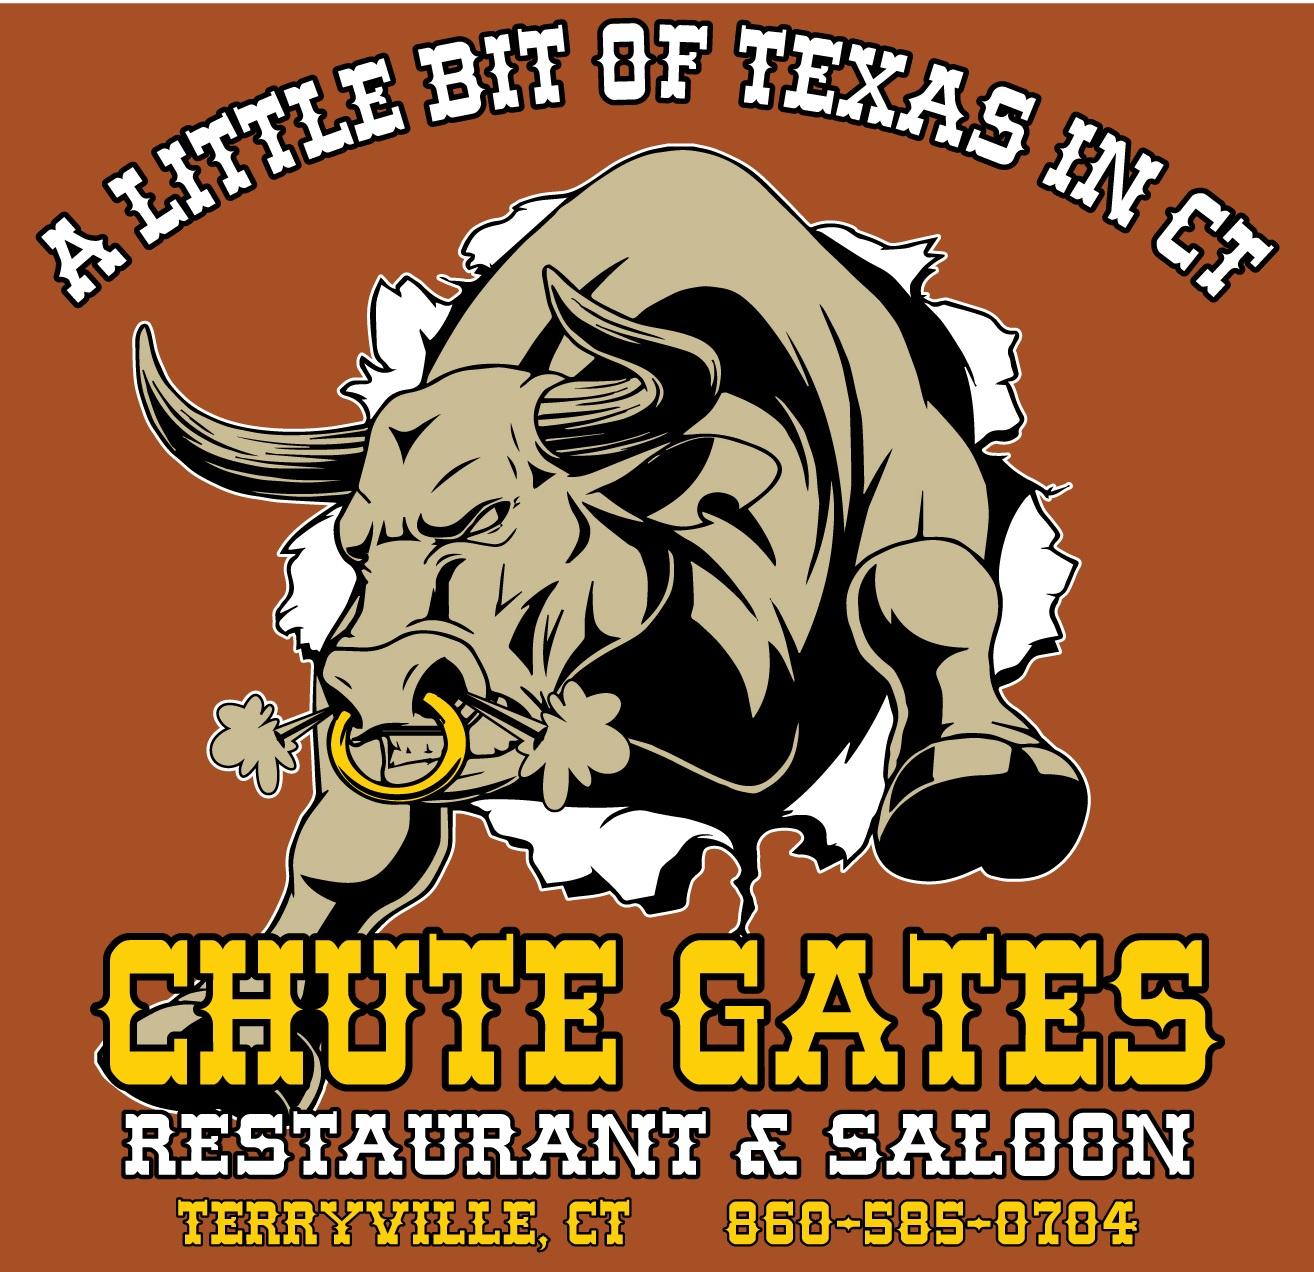 Chute-Gates.jpg